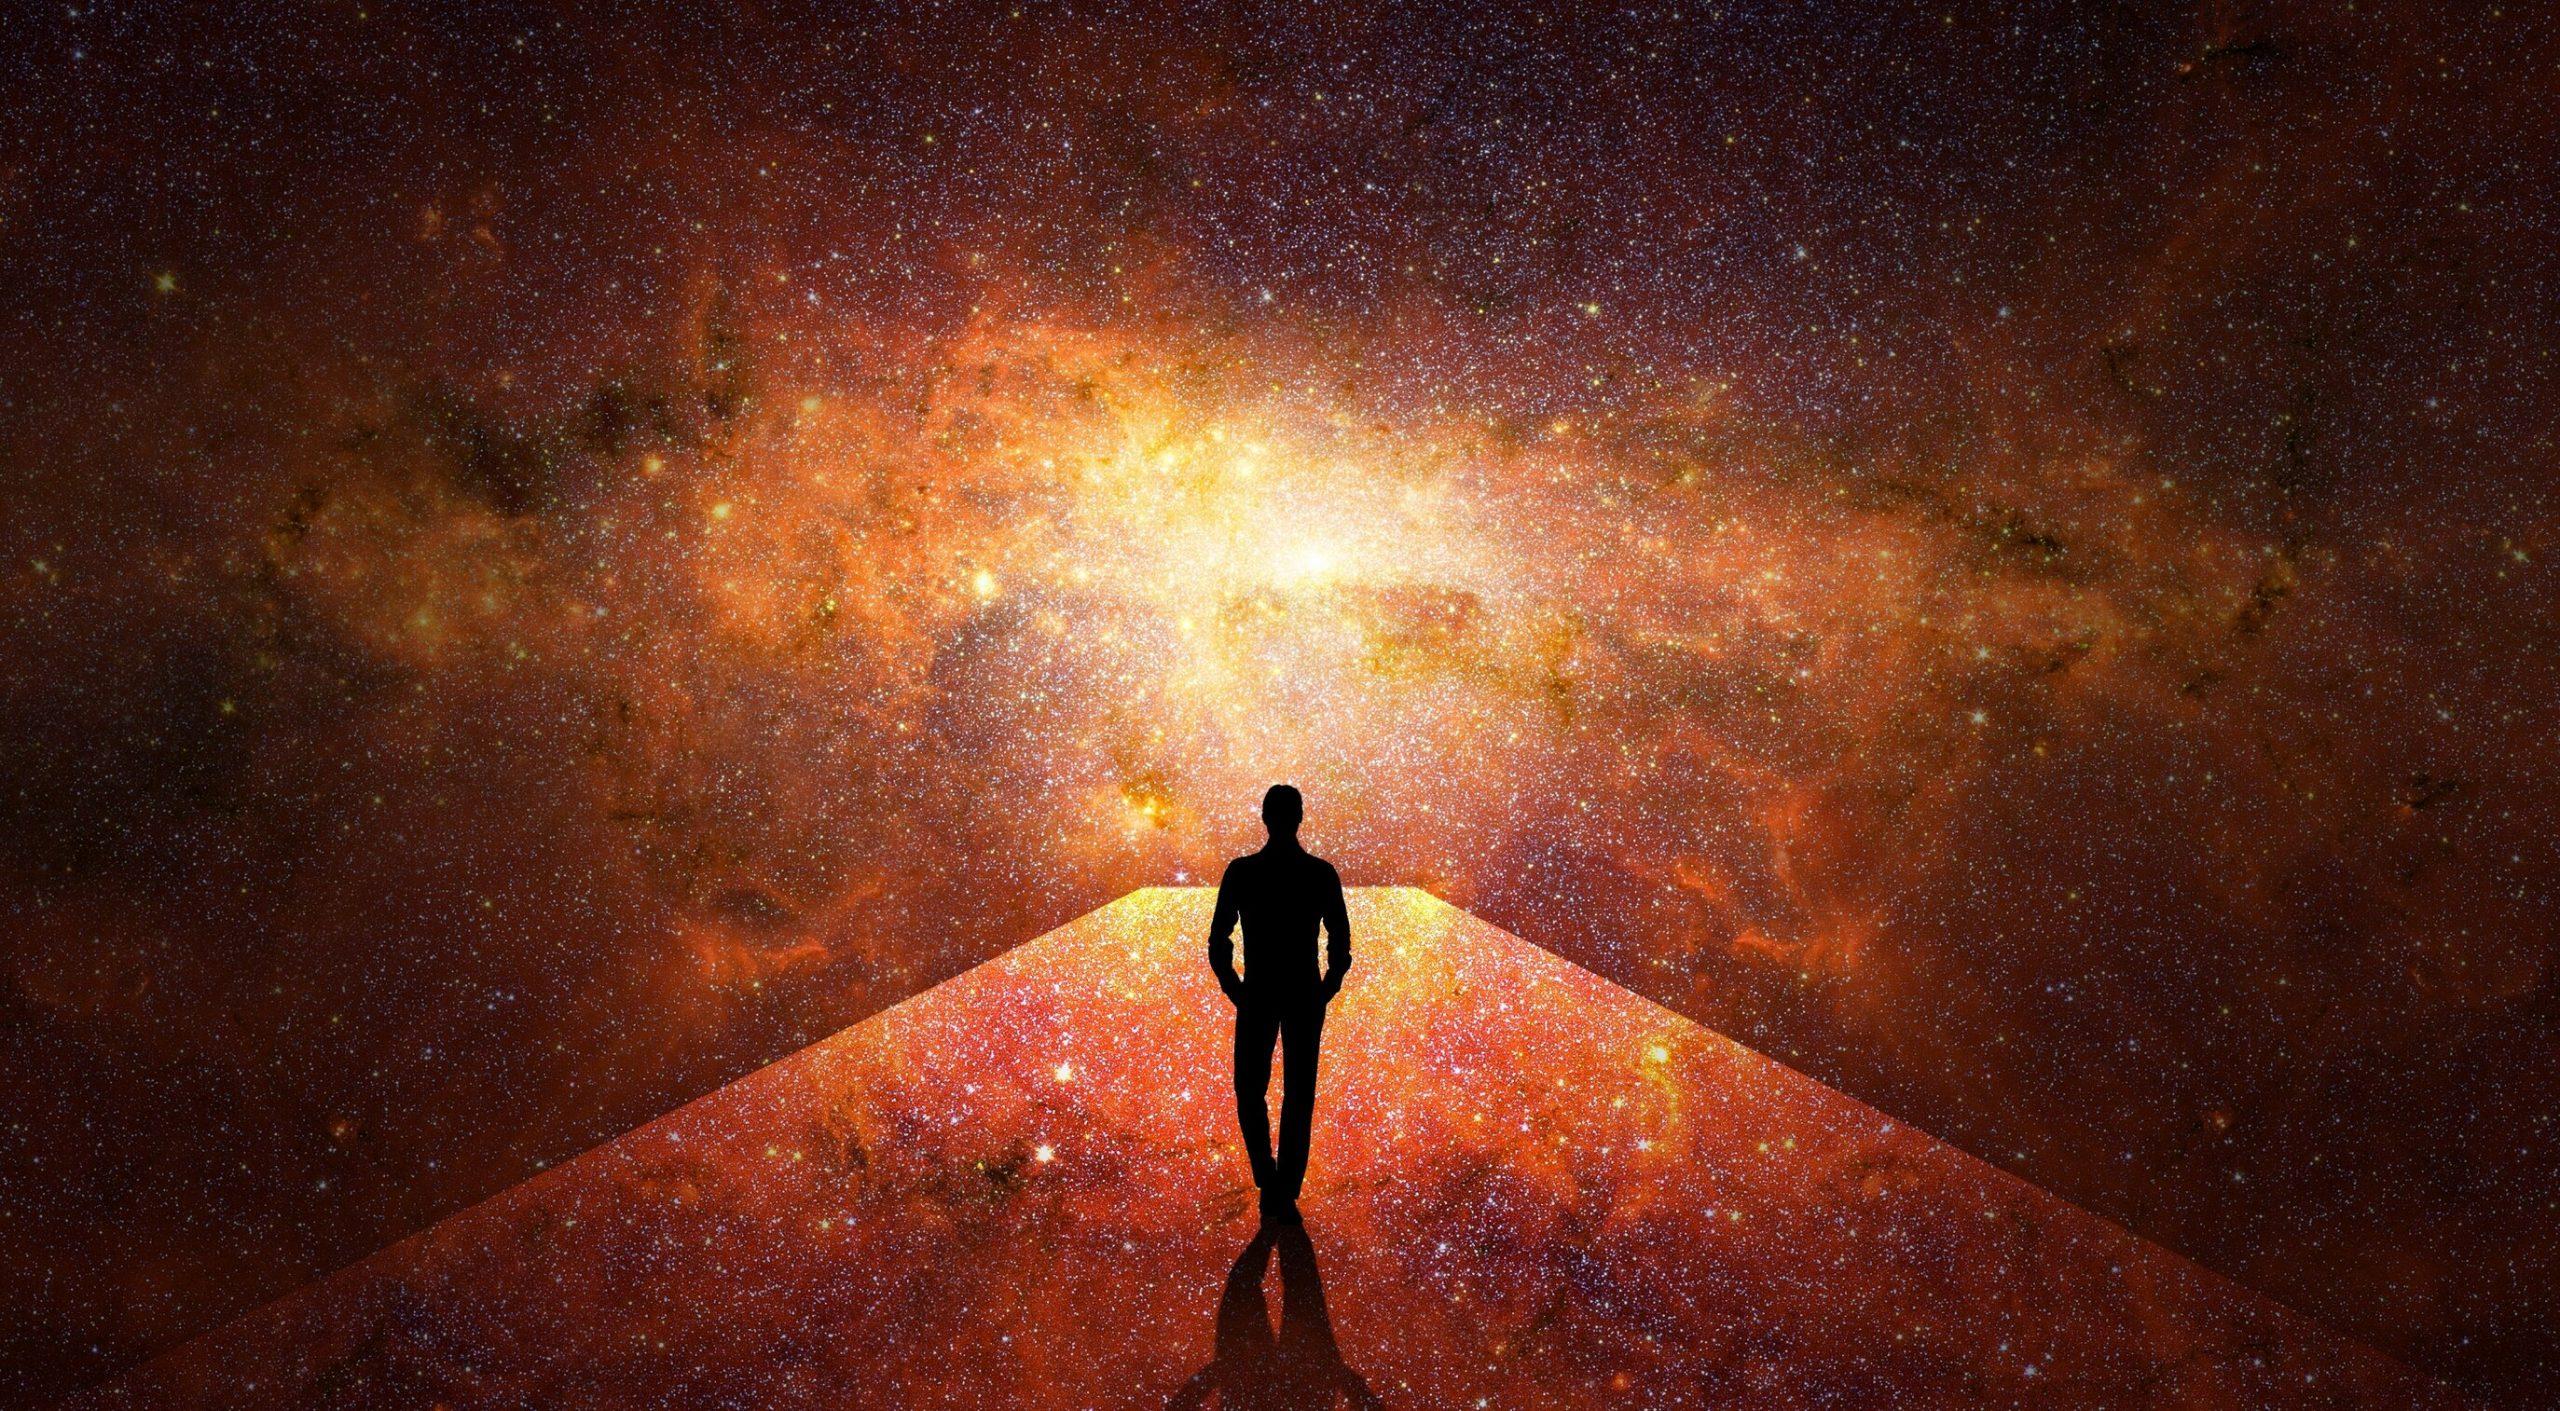 Dumnezeu, știința, dovezile: Cercetătorii se folosesc de știință pentru a demonstra că Dumnezeu există